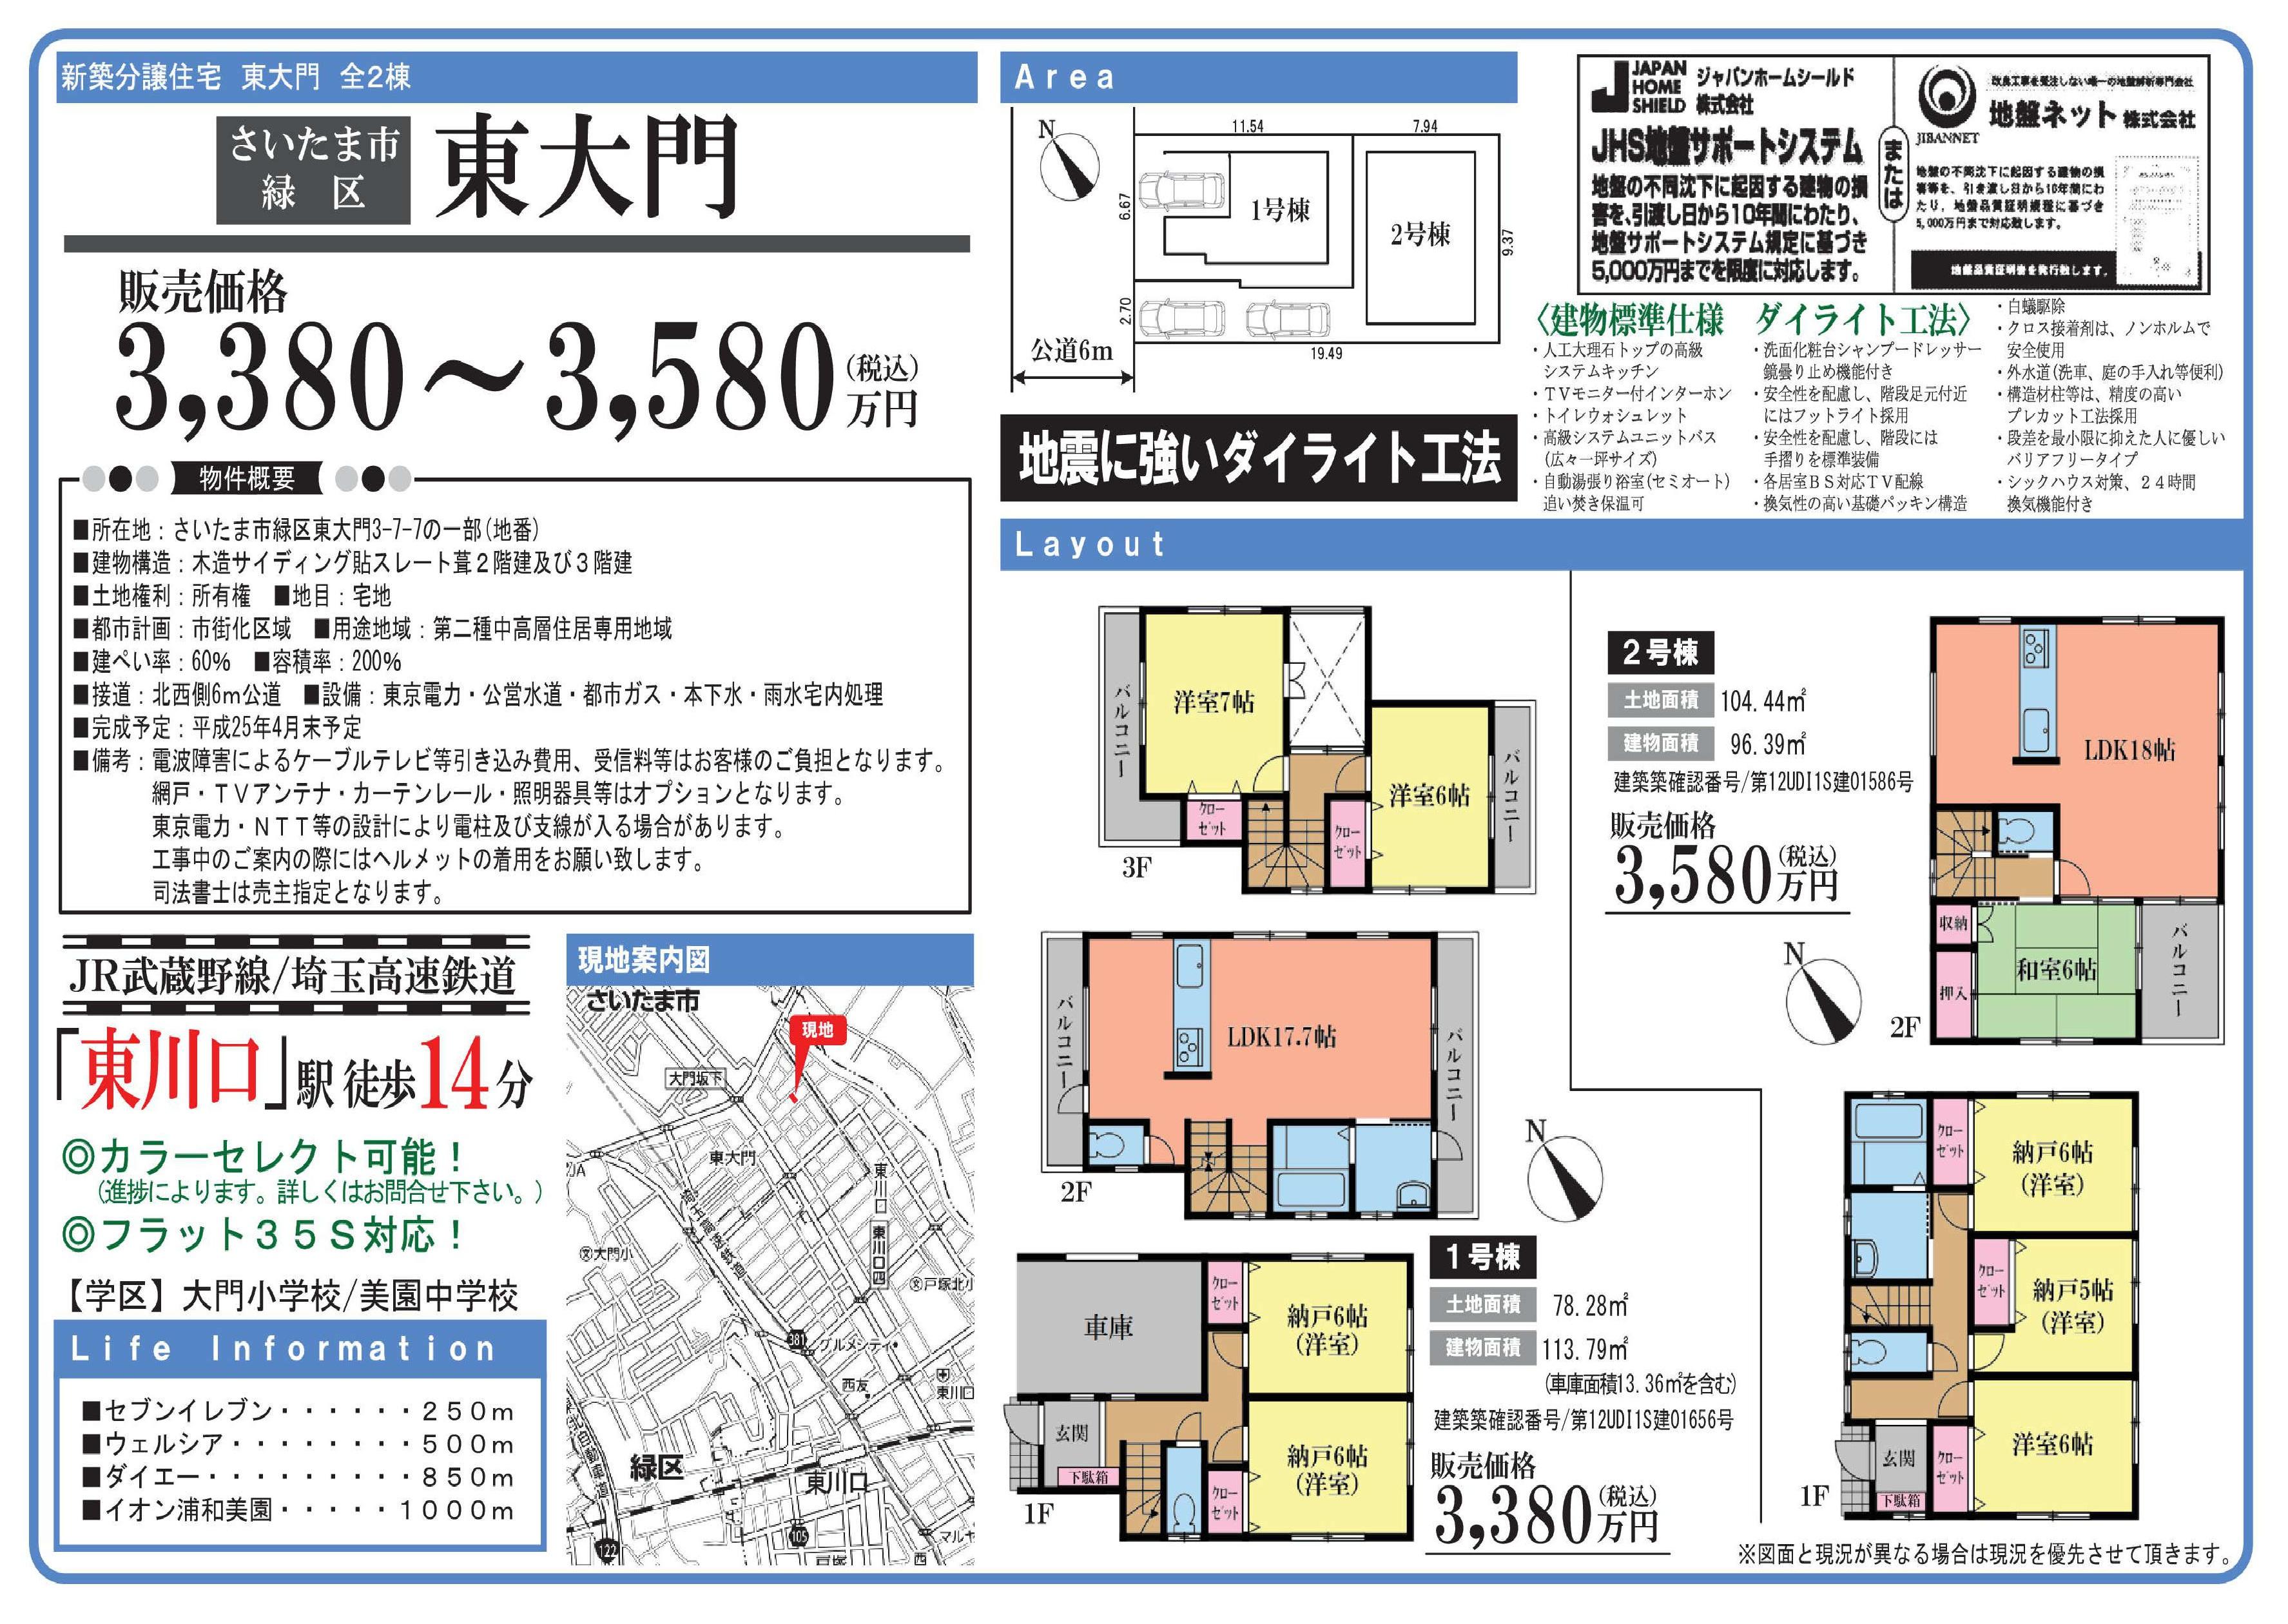 販売図面(東大門).jpg